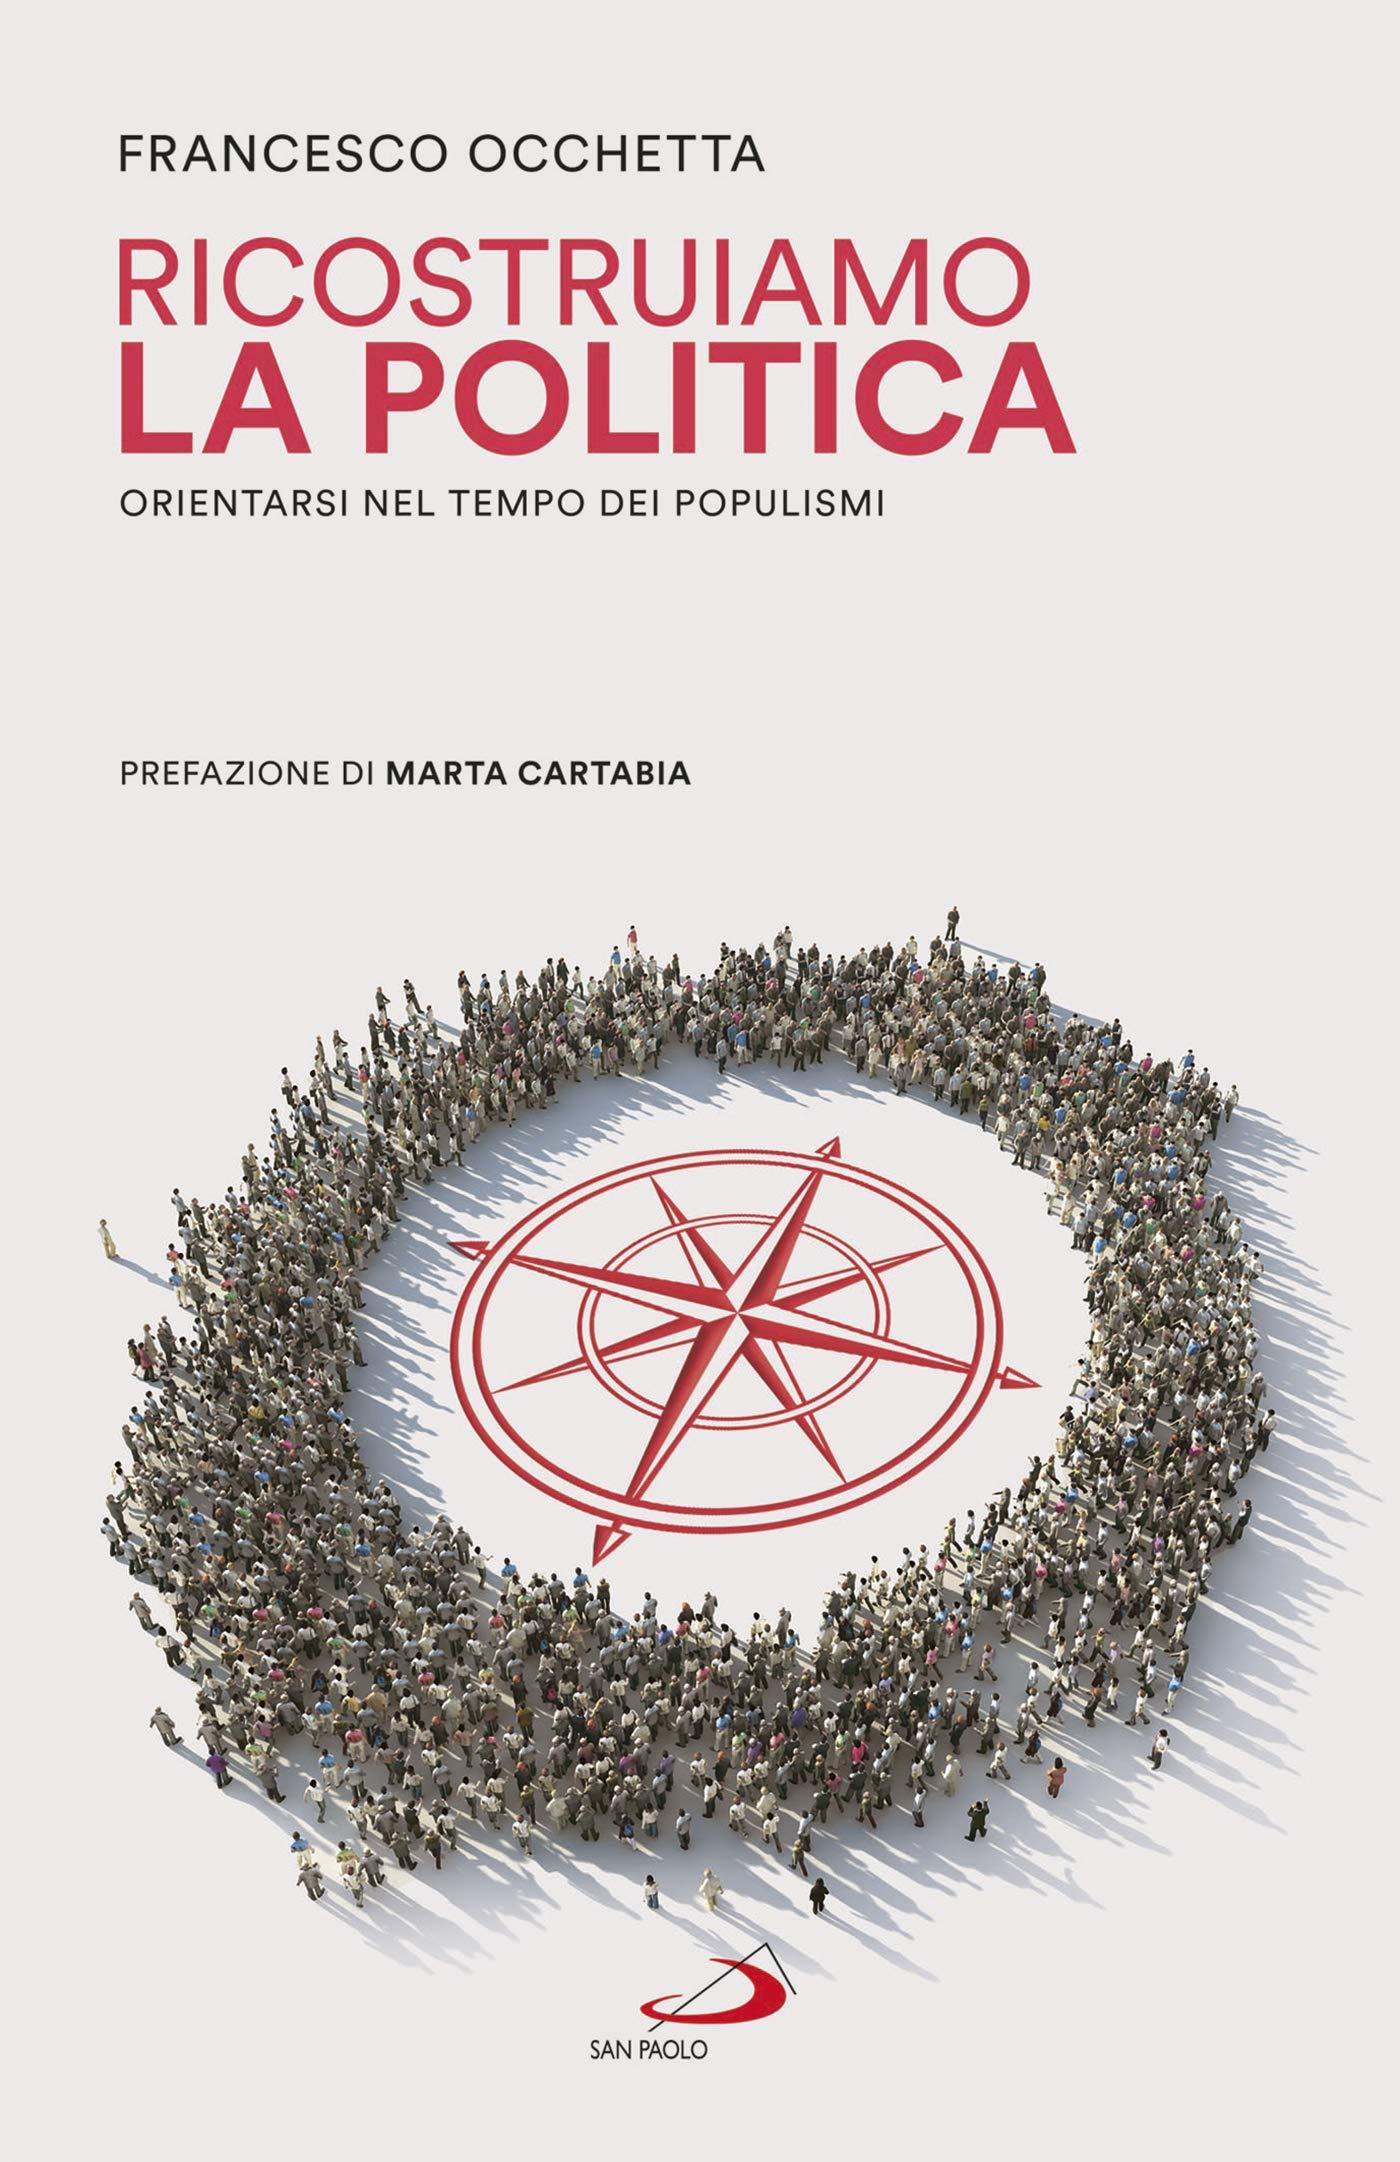 RICOSTRUIAMO LA POLITICA. Orientarsi nel tempo dei populismi